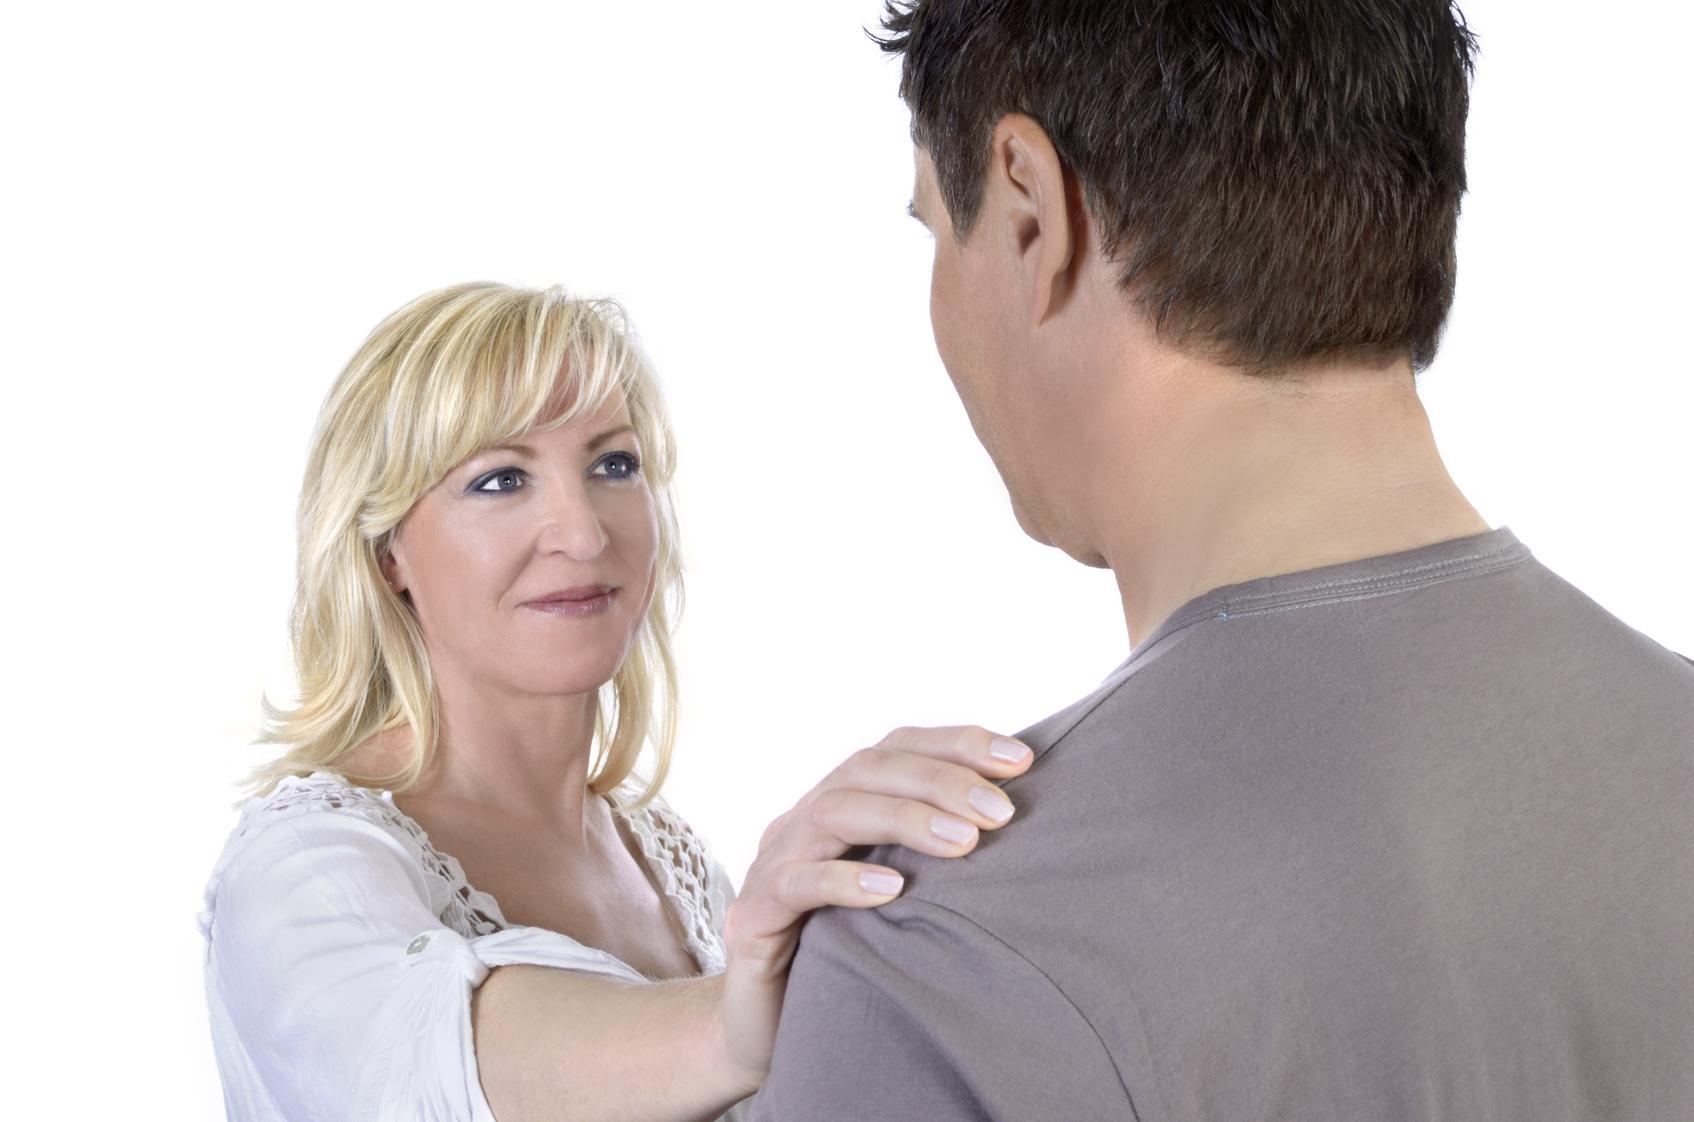 Reife Frau legt Hand auf die Schulter ihres Ehemanns, Studio Shot